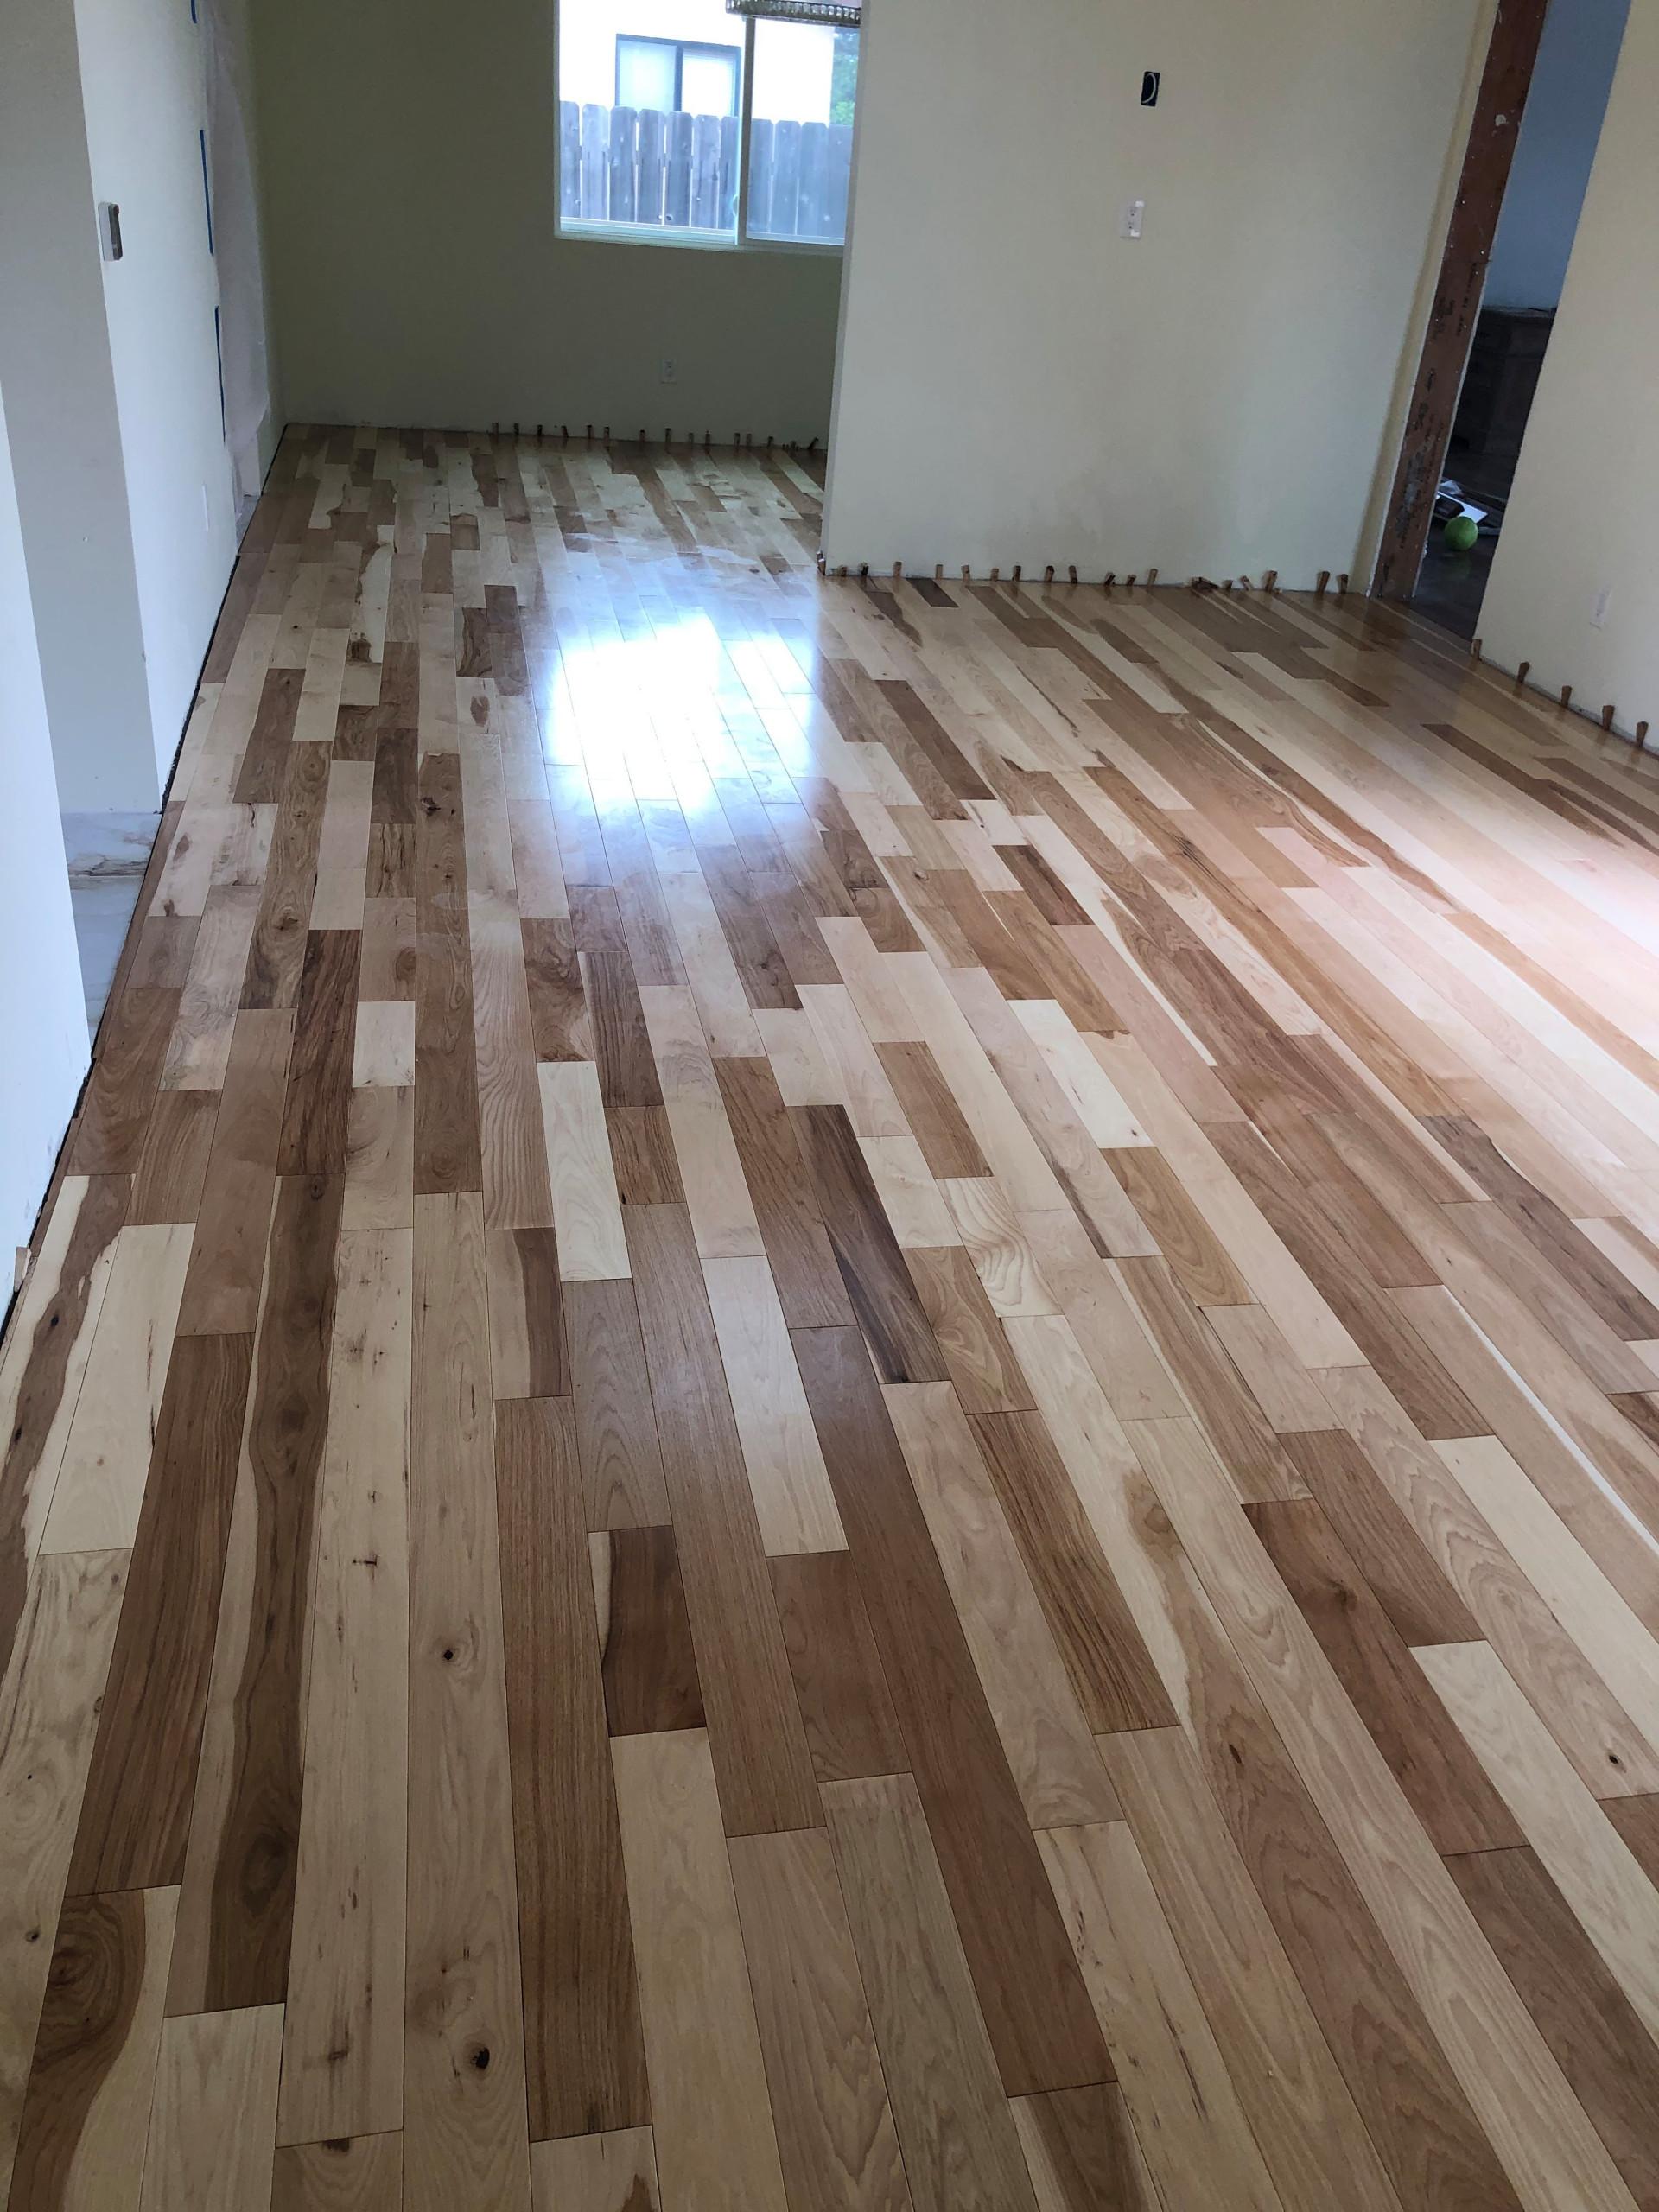 Sold hardwood floors